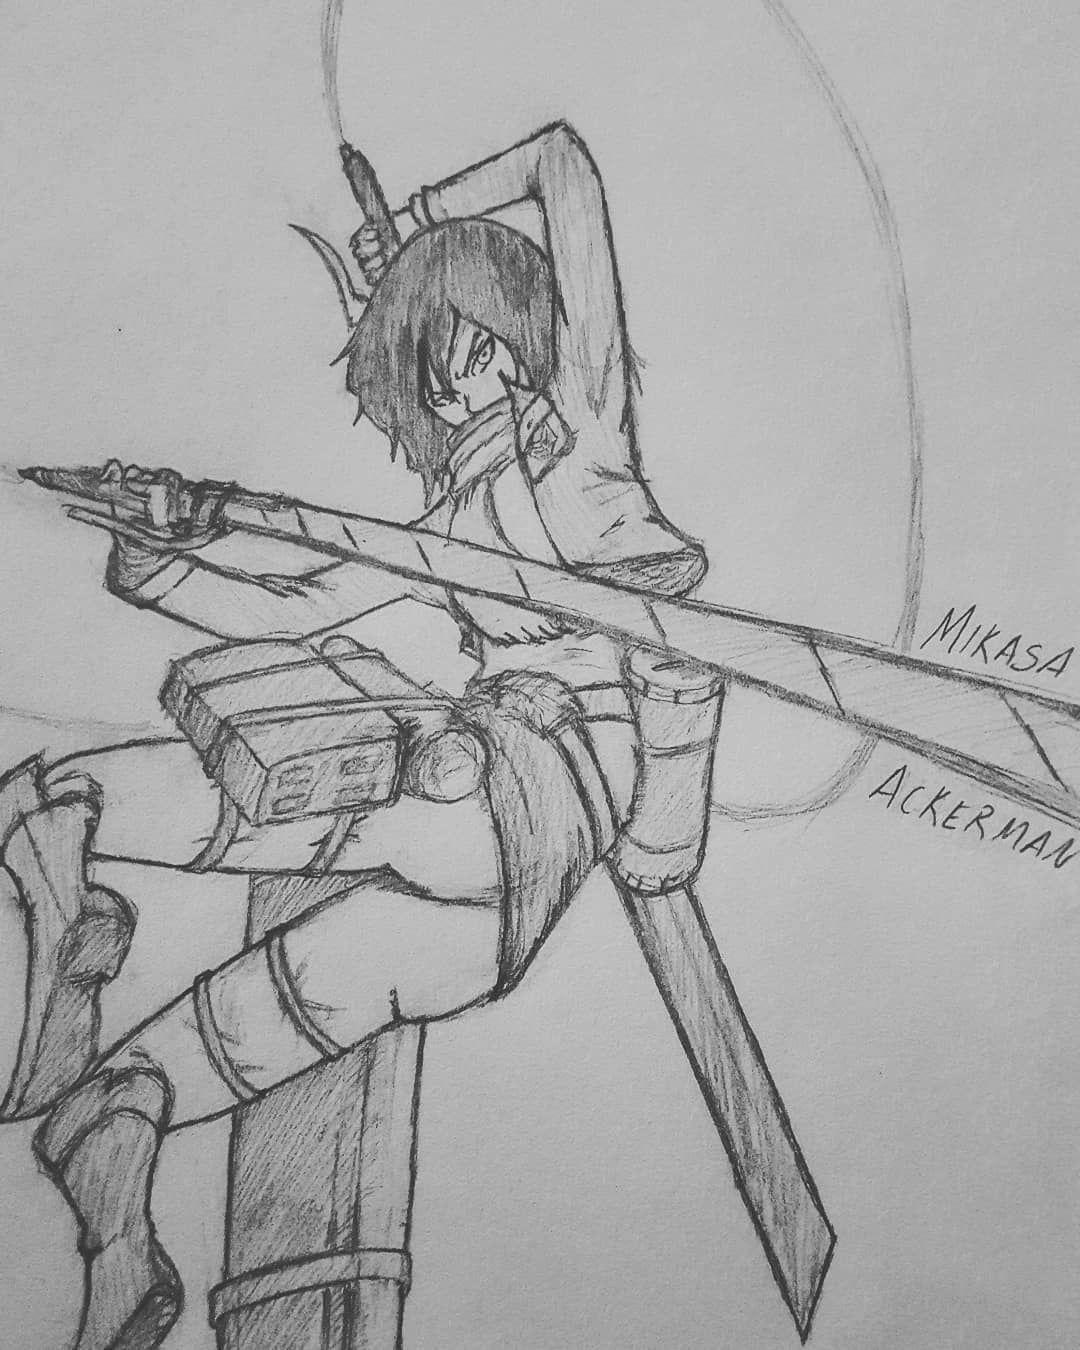 Mikasa Ackerman Yo this was a VERY tough sketch but I